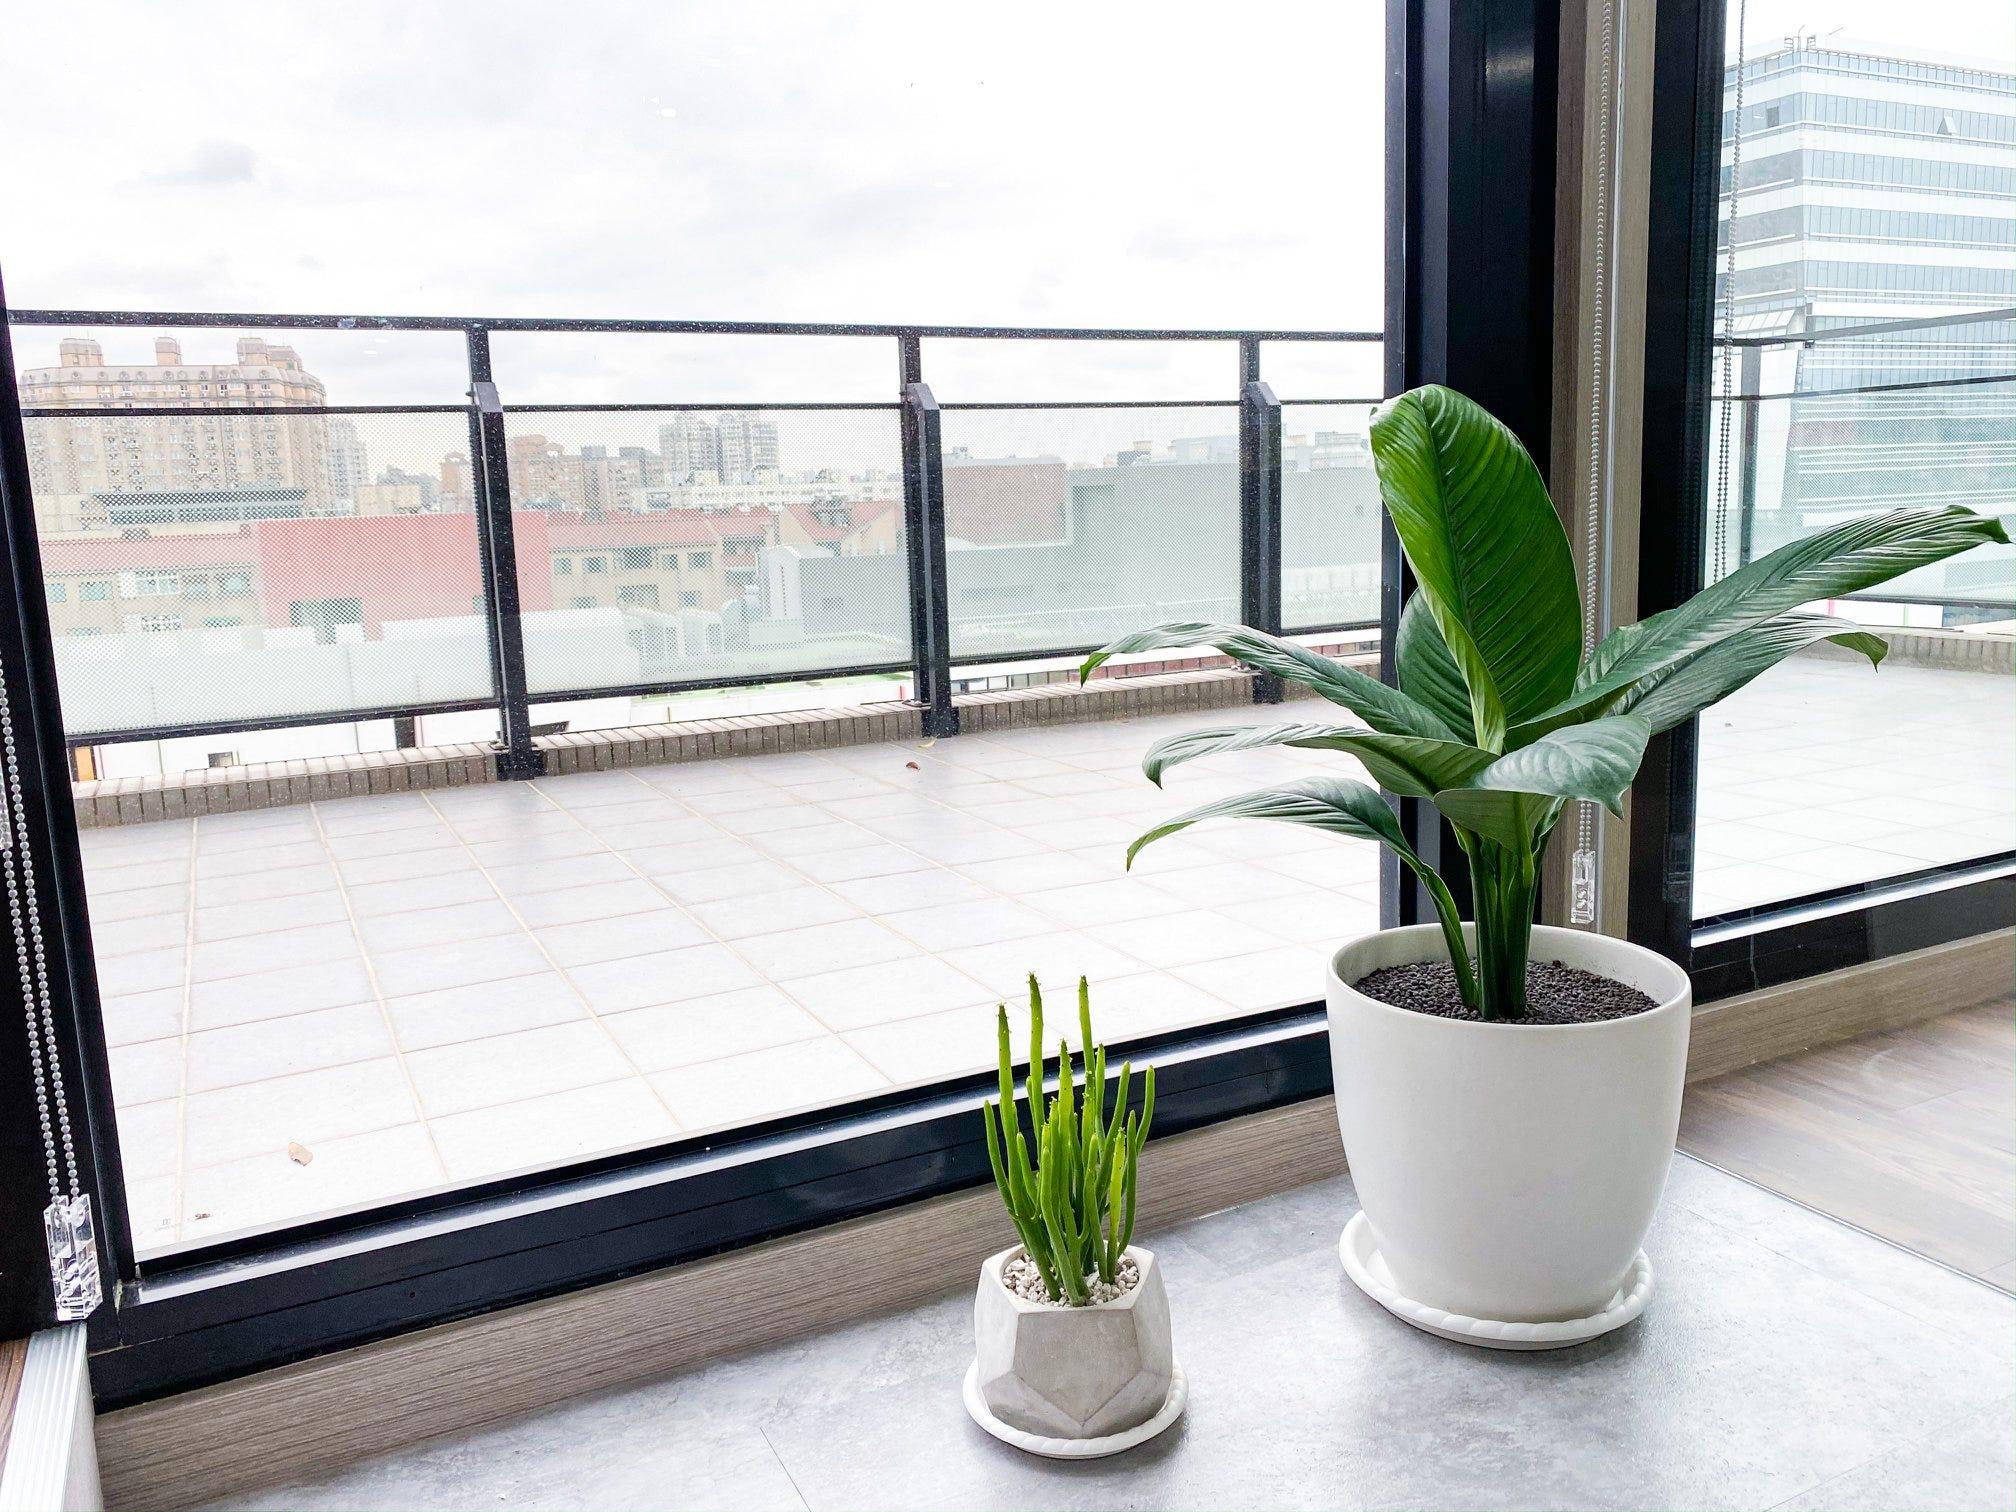 【淨化空氣又好養的9大類室內植物!連NASA也推薦!】. 不知道該怎麼挑選淨化空氣的植物嗎?超詳細整理讓你 ...